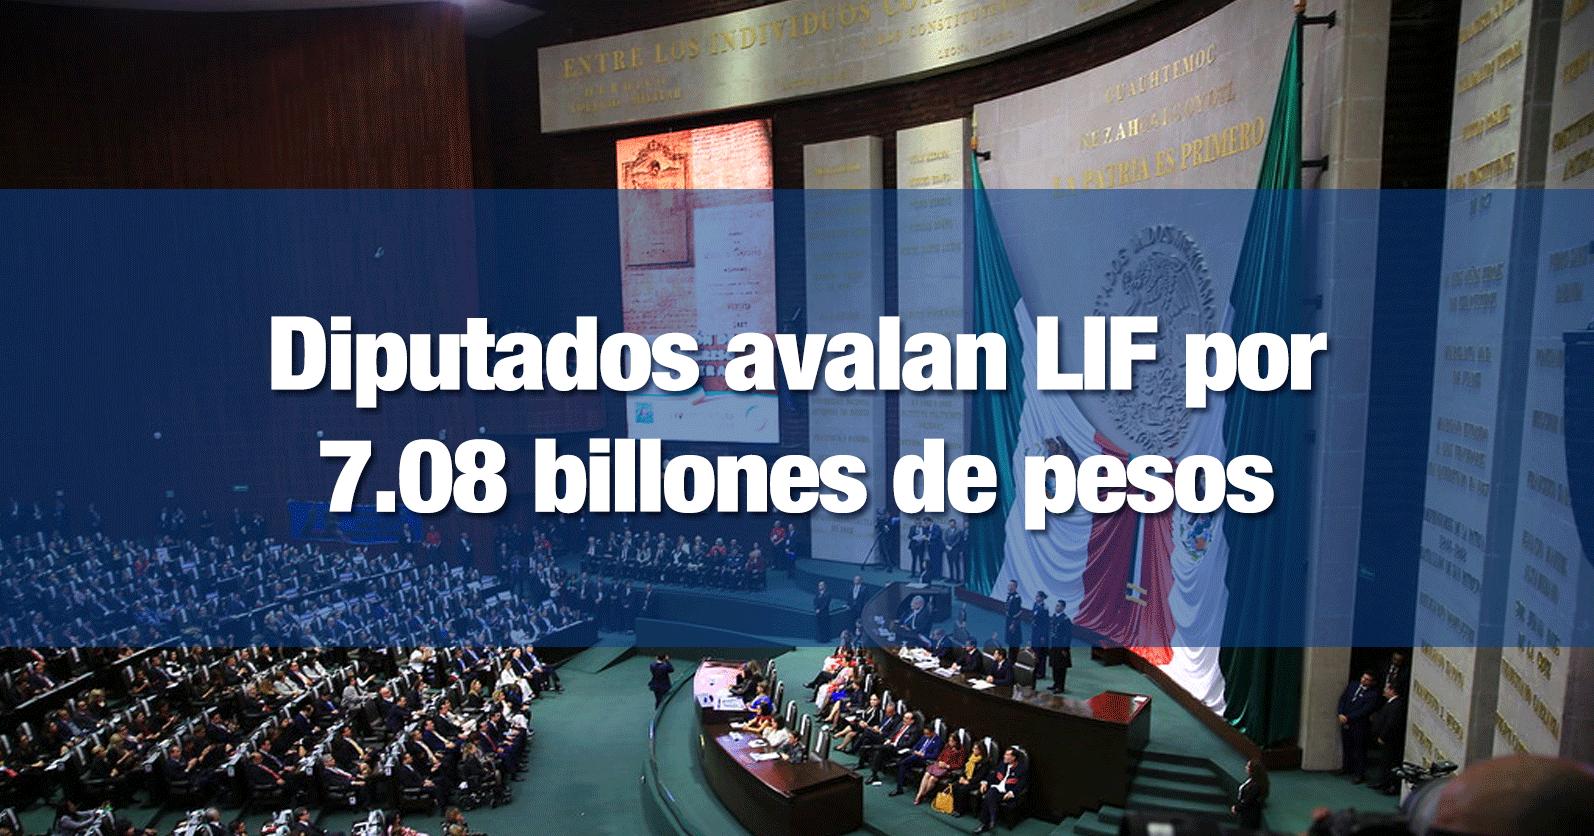 Diputados avalan LIF por 7.08 billones de pesos